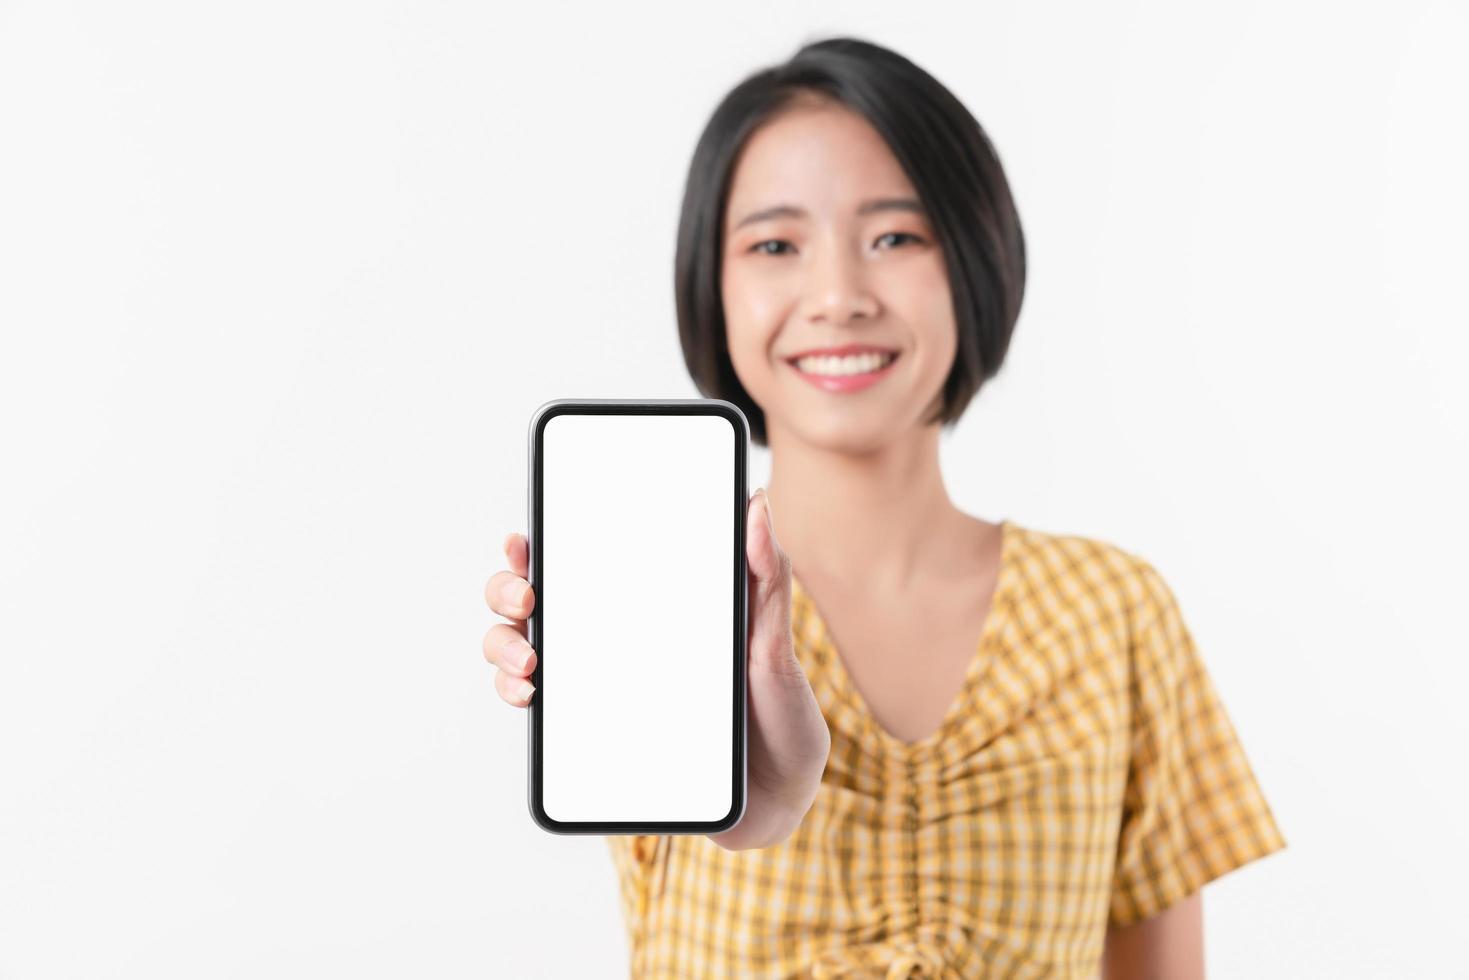 asiatische Frau, die Smartphone auf weißem Hintergrund heraushält foto